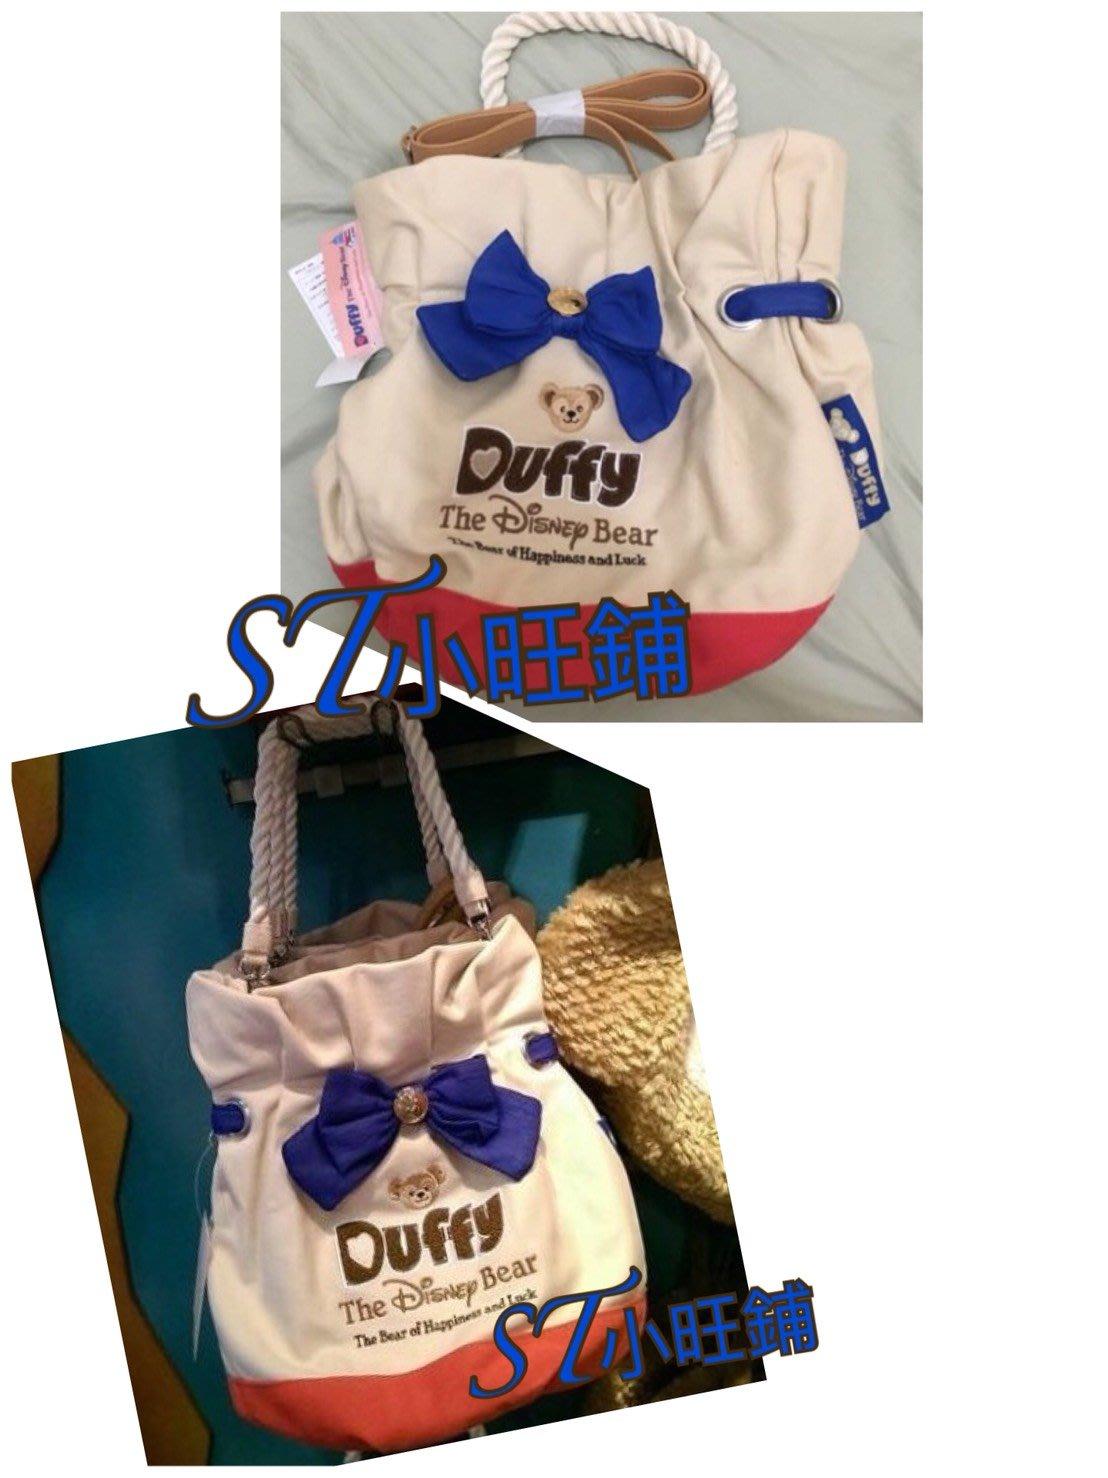 ST小旺鋪 日本東京迪士尼海洋限定的 Duffy Bear 三用圓筒包 達菲熊布包限定版 斜背包 水手側背包